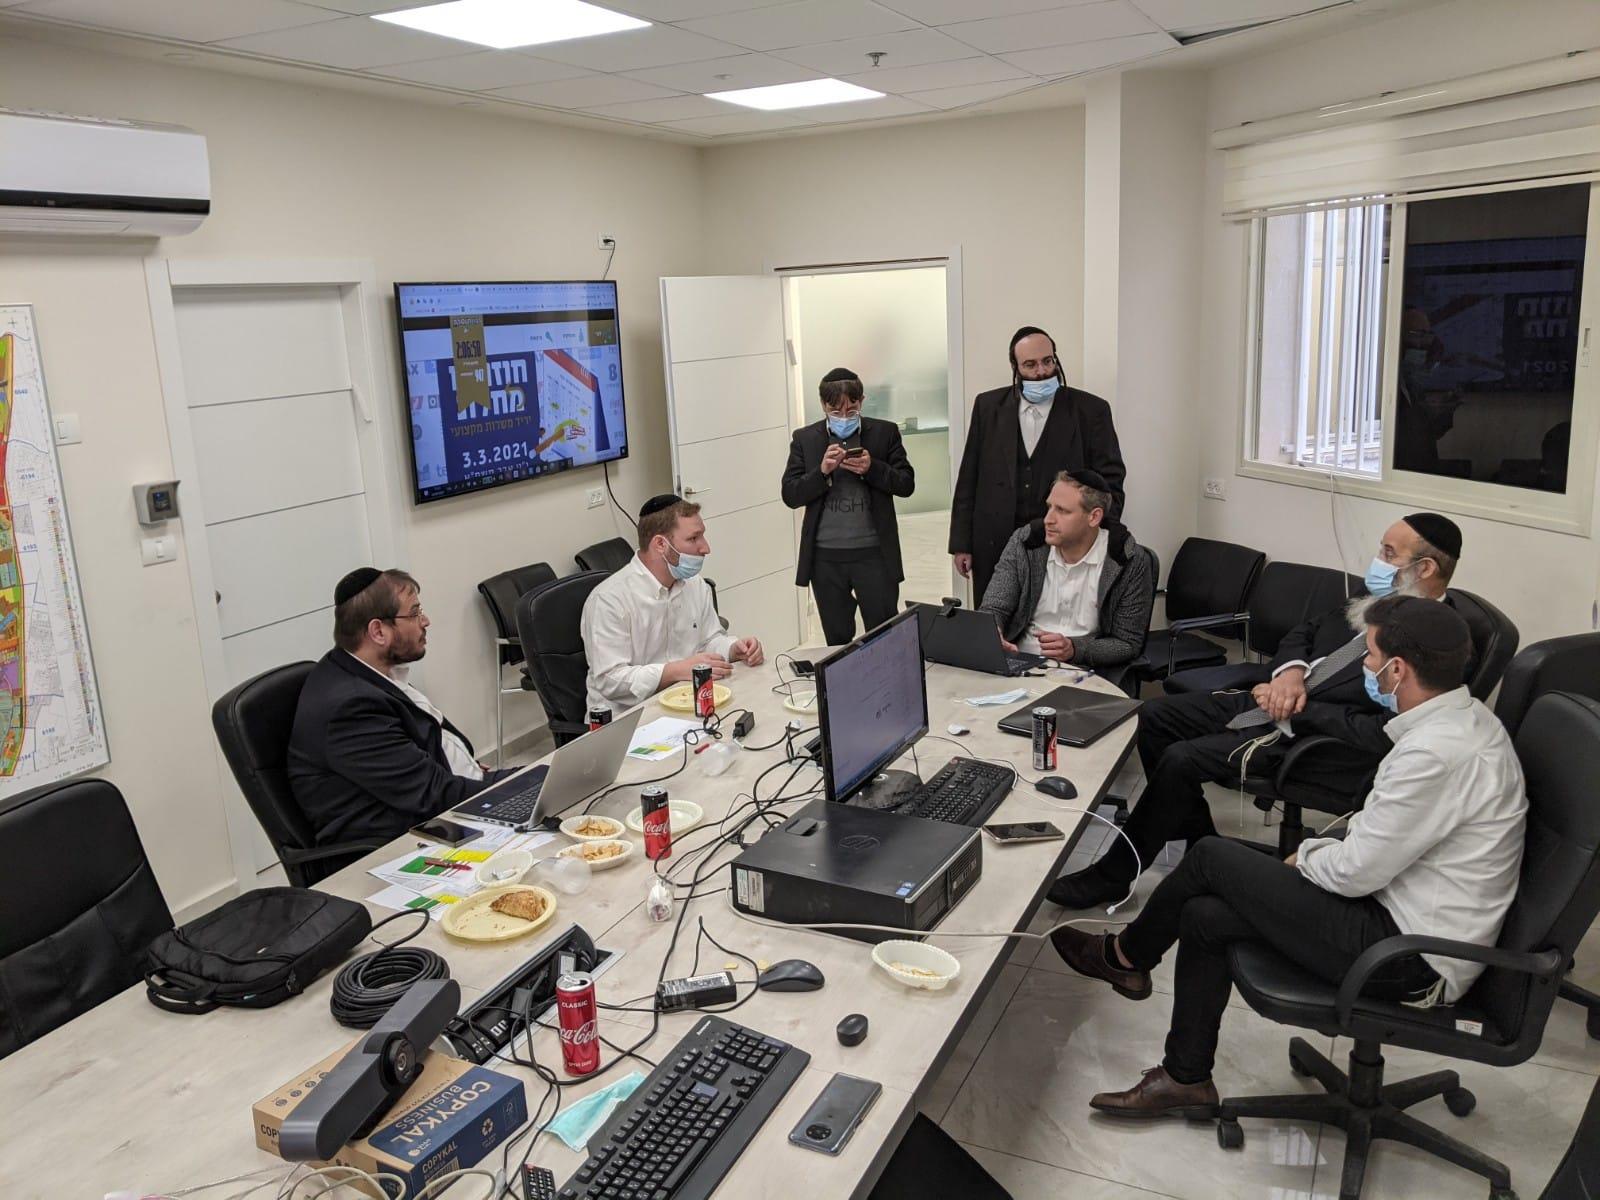 הצלחה מסחררת ליריד התעסוקה של מרכז ההכוון התעסוקתי של עיריית בני ברק 1